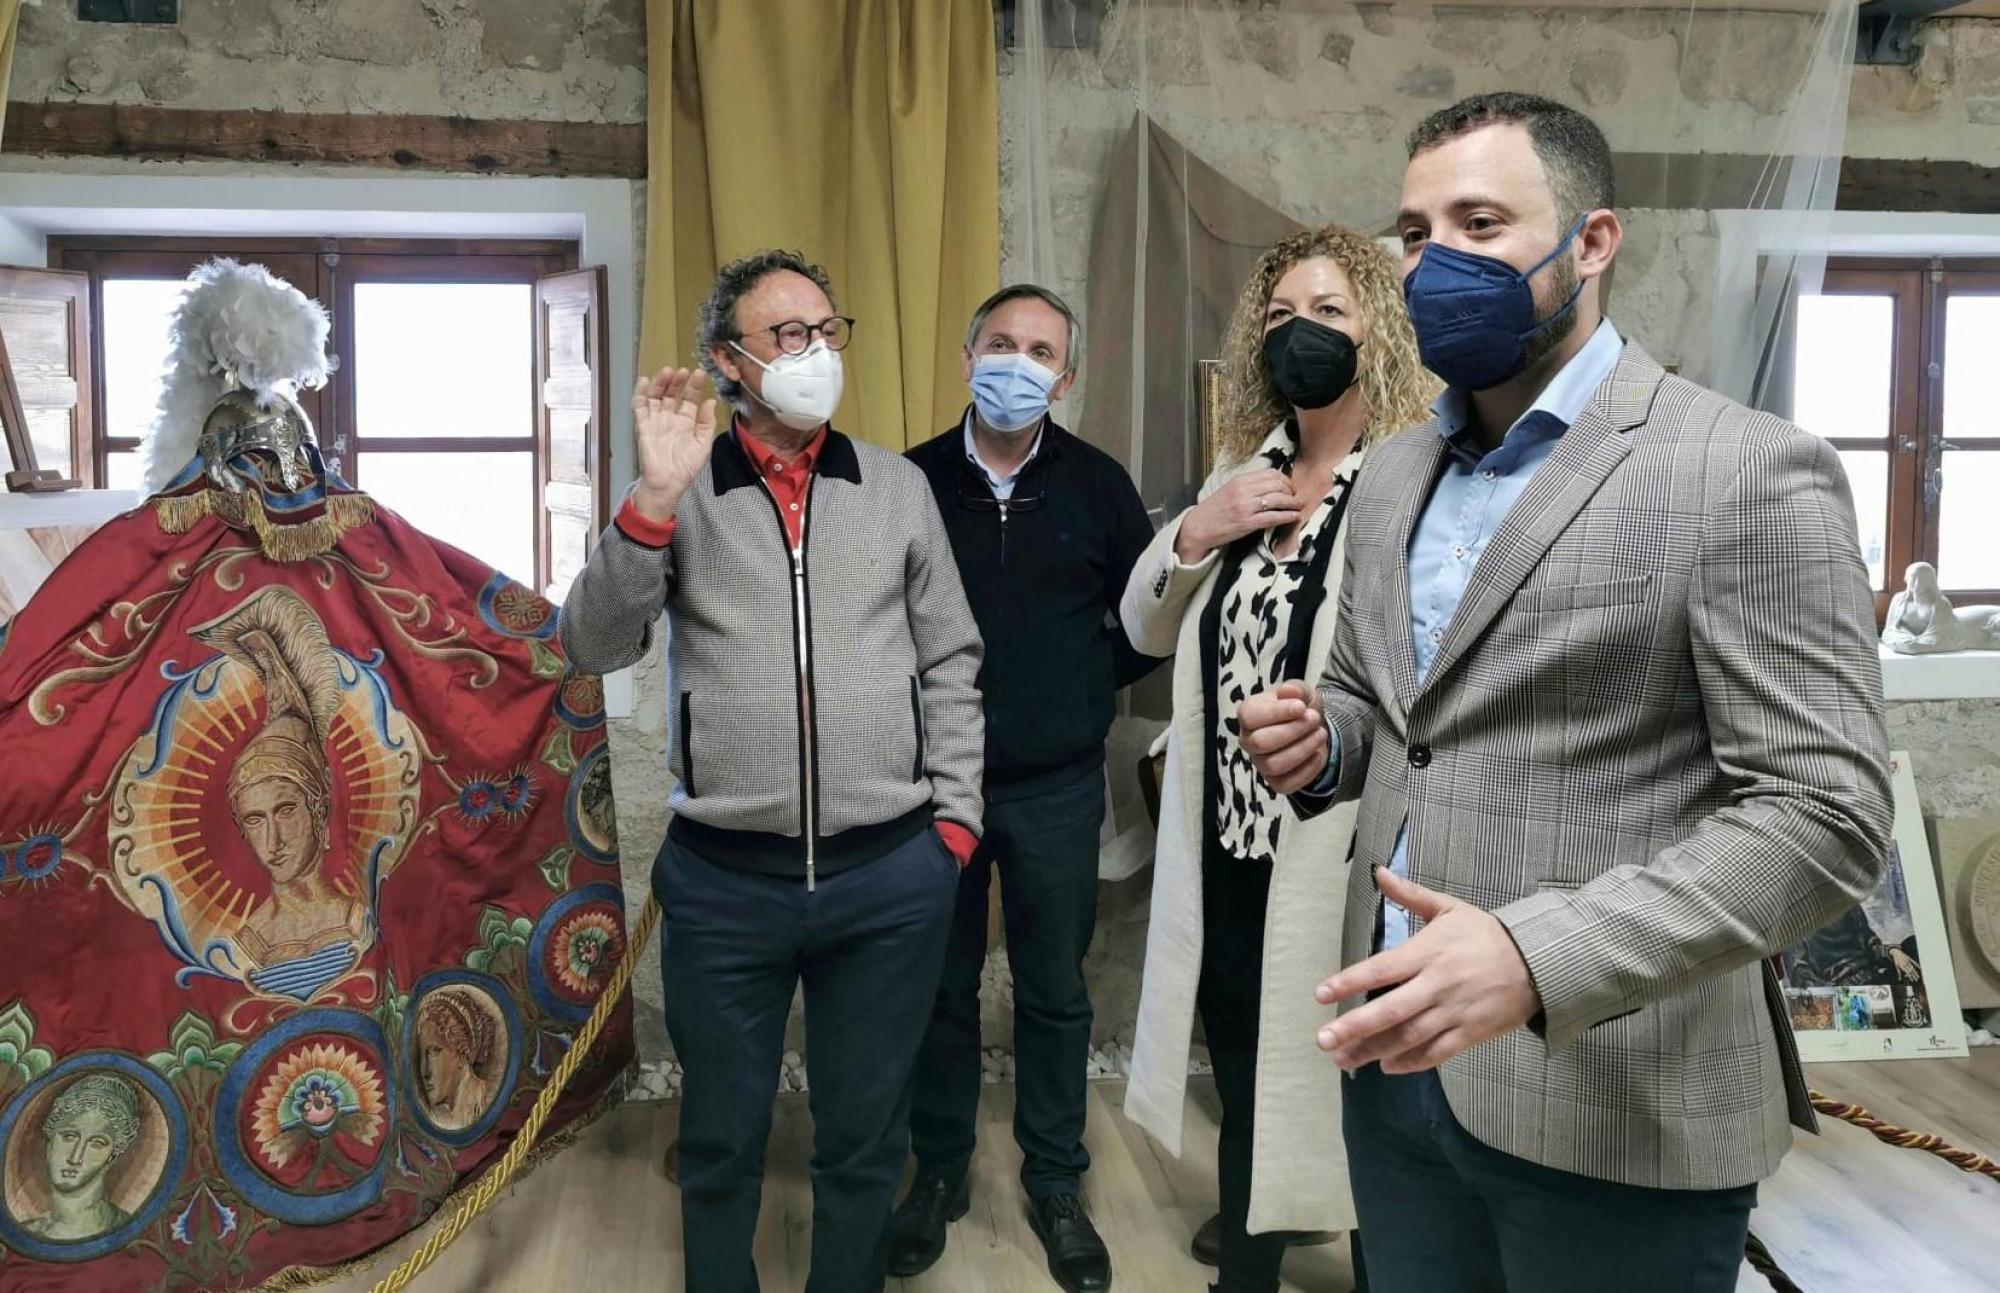 La Casa del Artesano acoge la exposición monográfica 'Vida y obra artística de Damián Teruel', en reconocimiento al trabajo de este polifacético artista lorquino